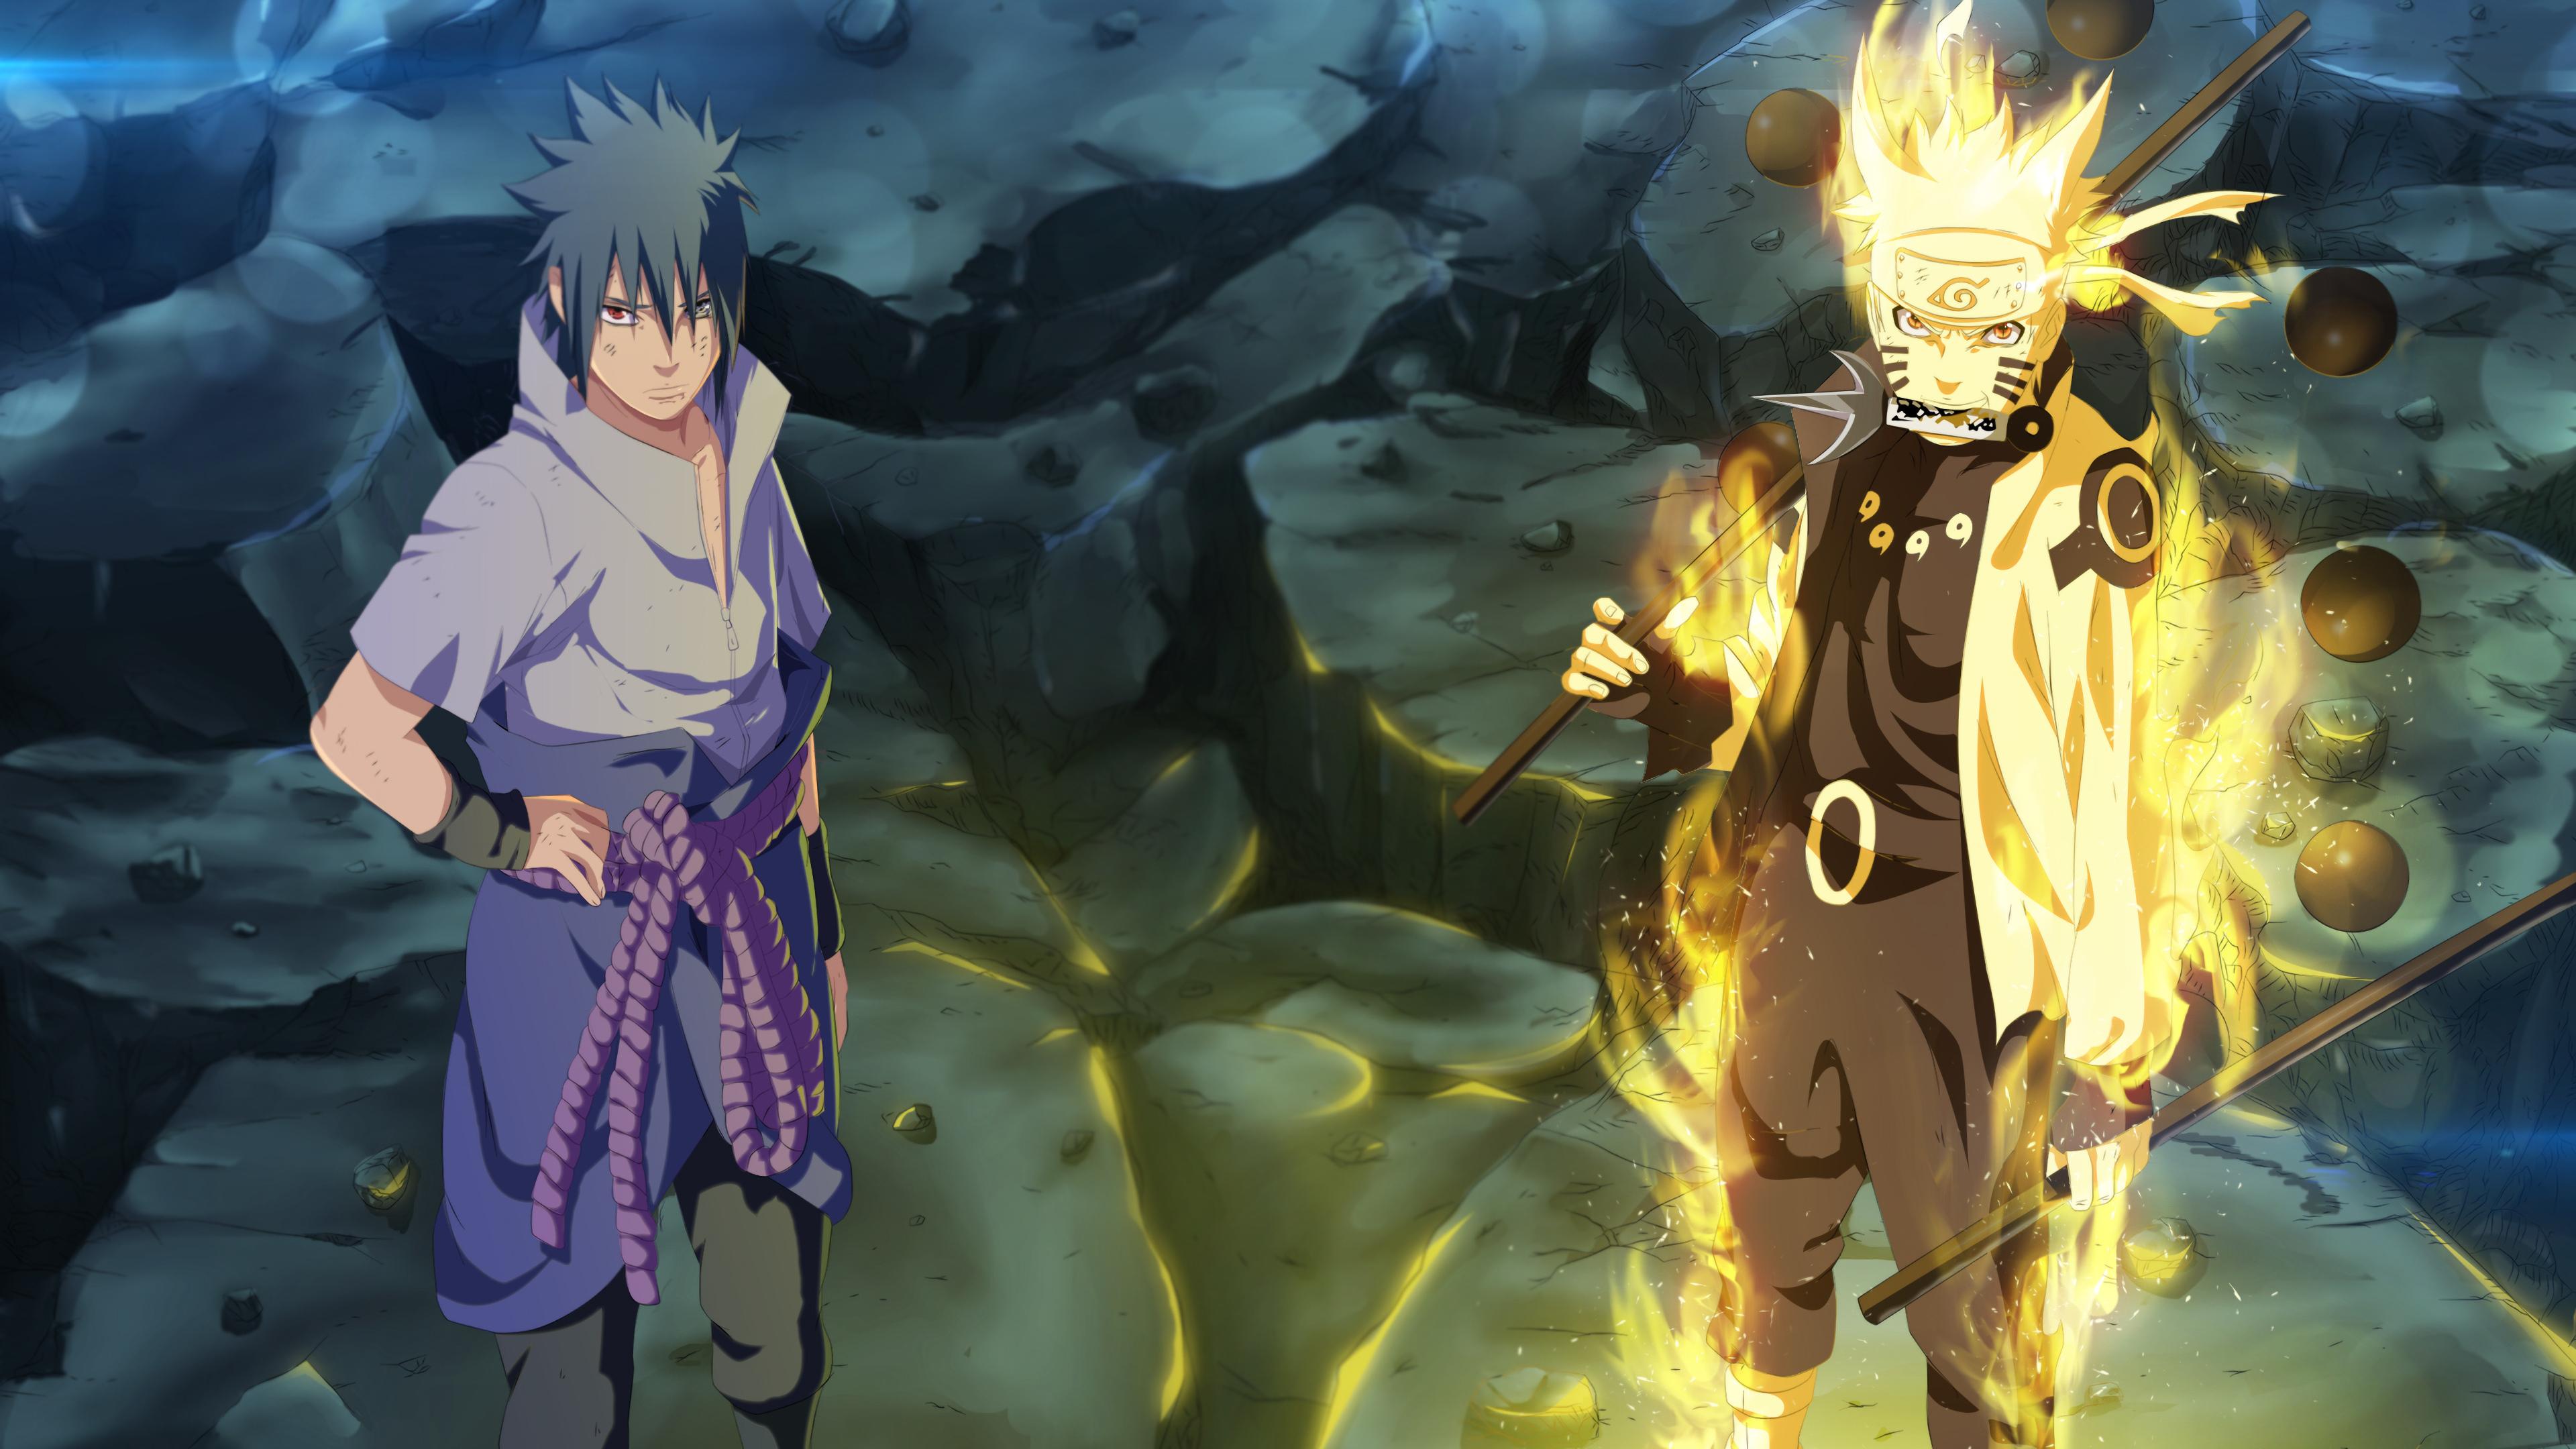 Naruto Live Wallpaper Iphone X Naruto Sasuke 4k 56 Wallpaper